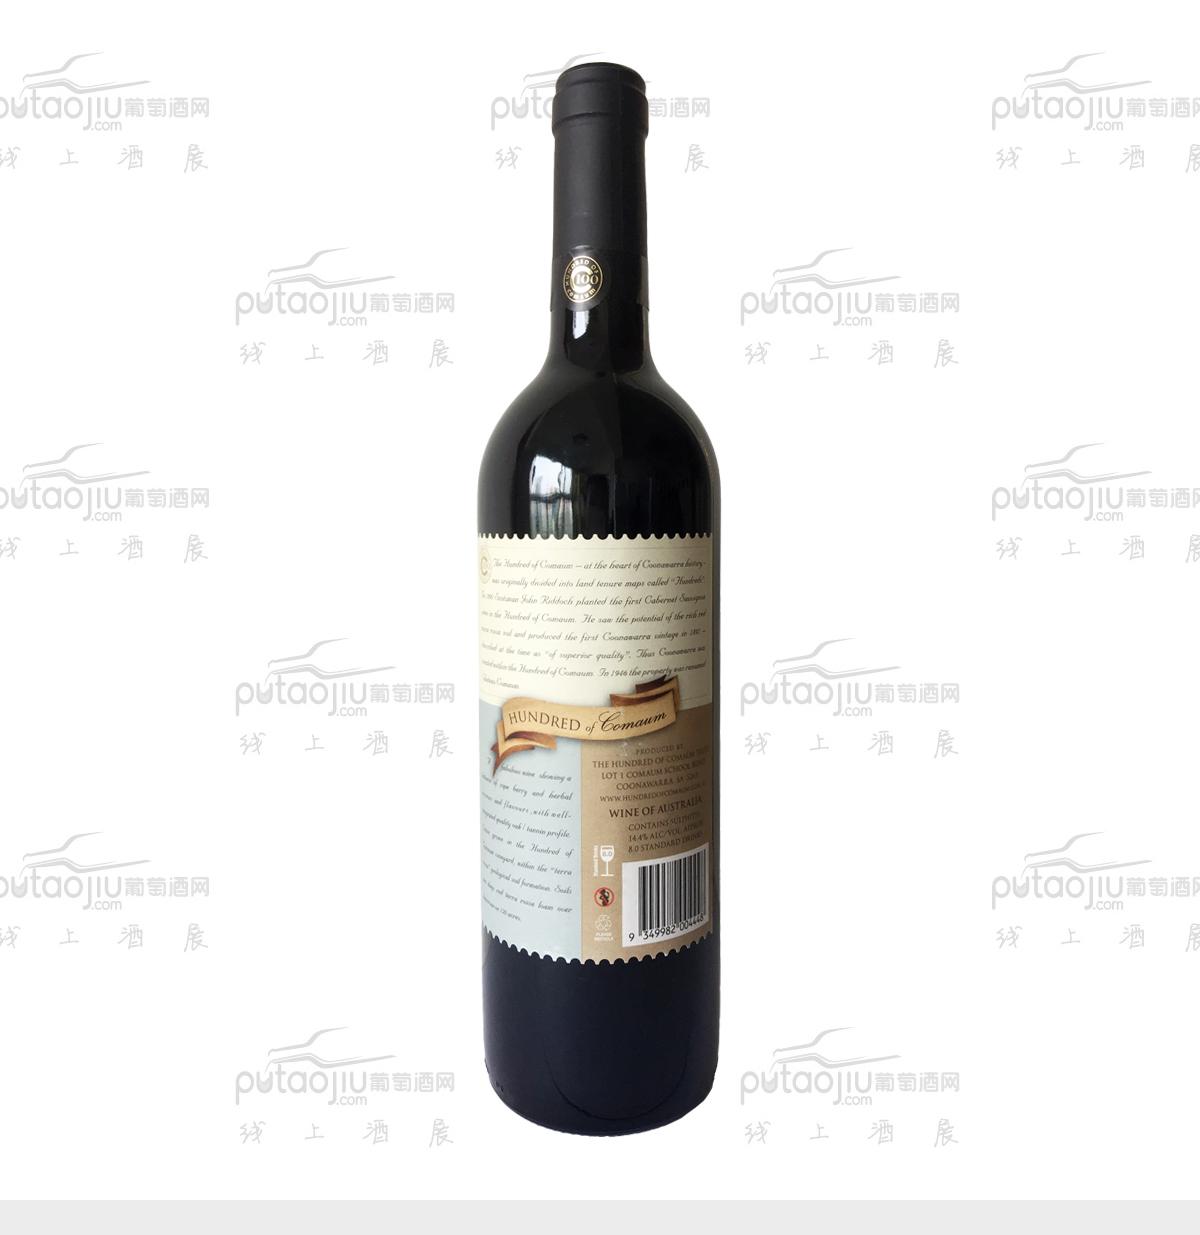 澳大利亚库纳瓦拉古口一百号酒庄赤霞珠干红葡萄酒